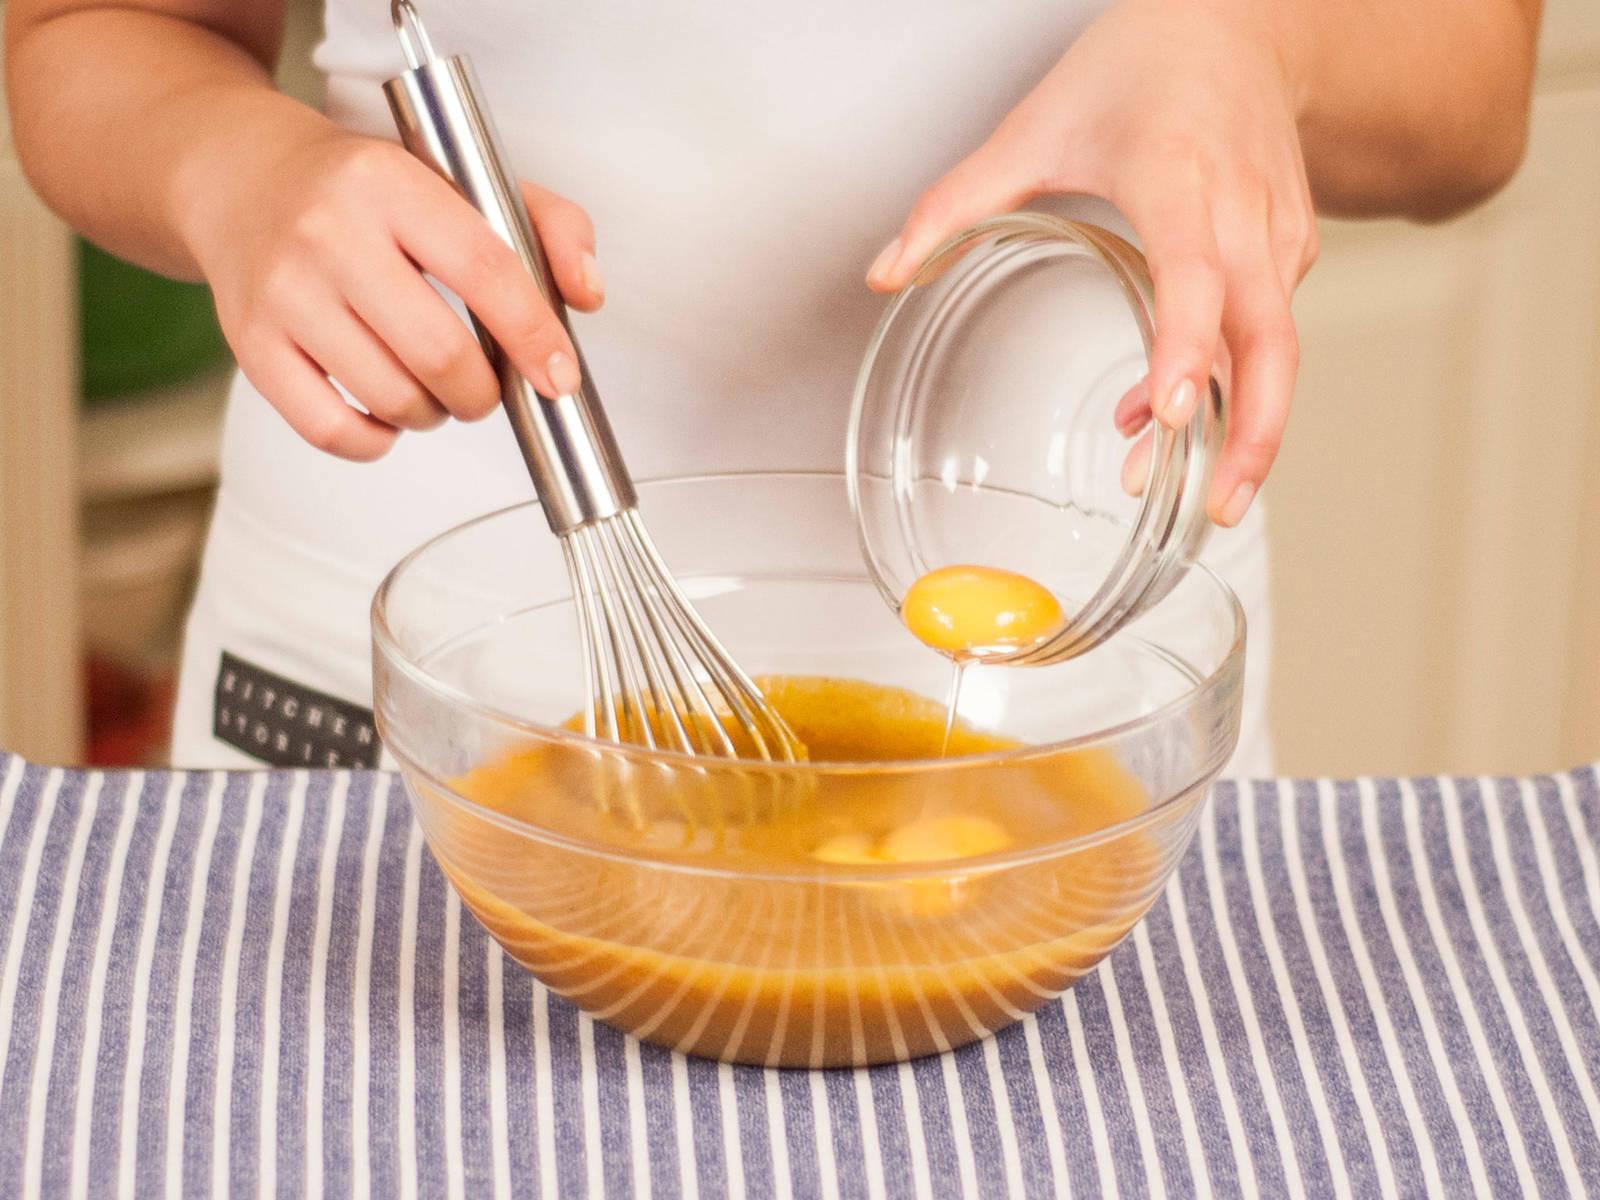 将所有鸡蛋和搅打过的南瓜混合物放入大碗中,继续搅打。